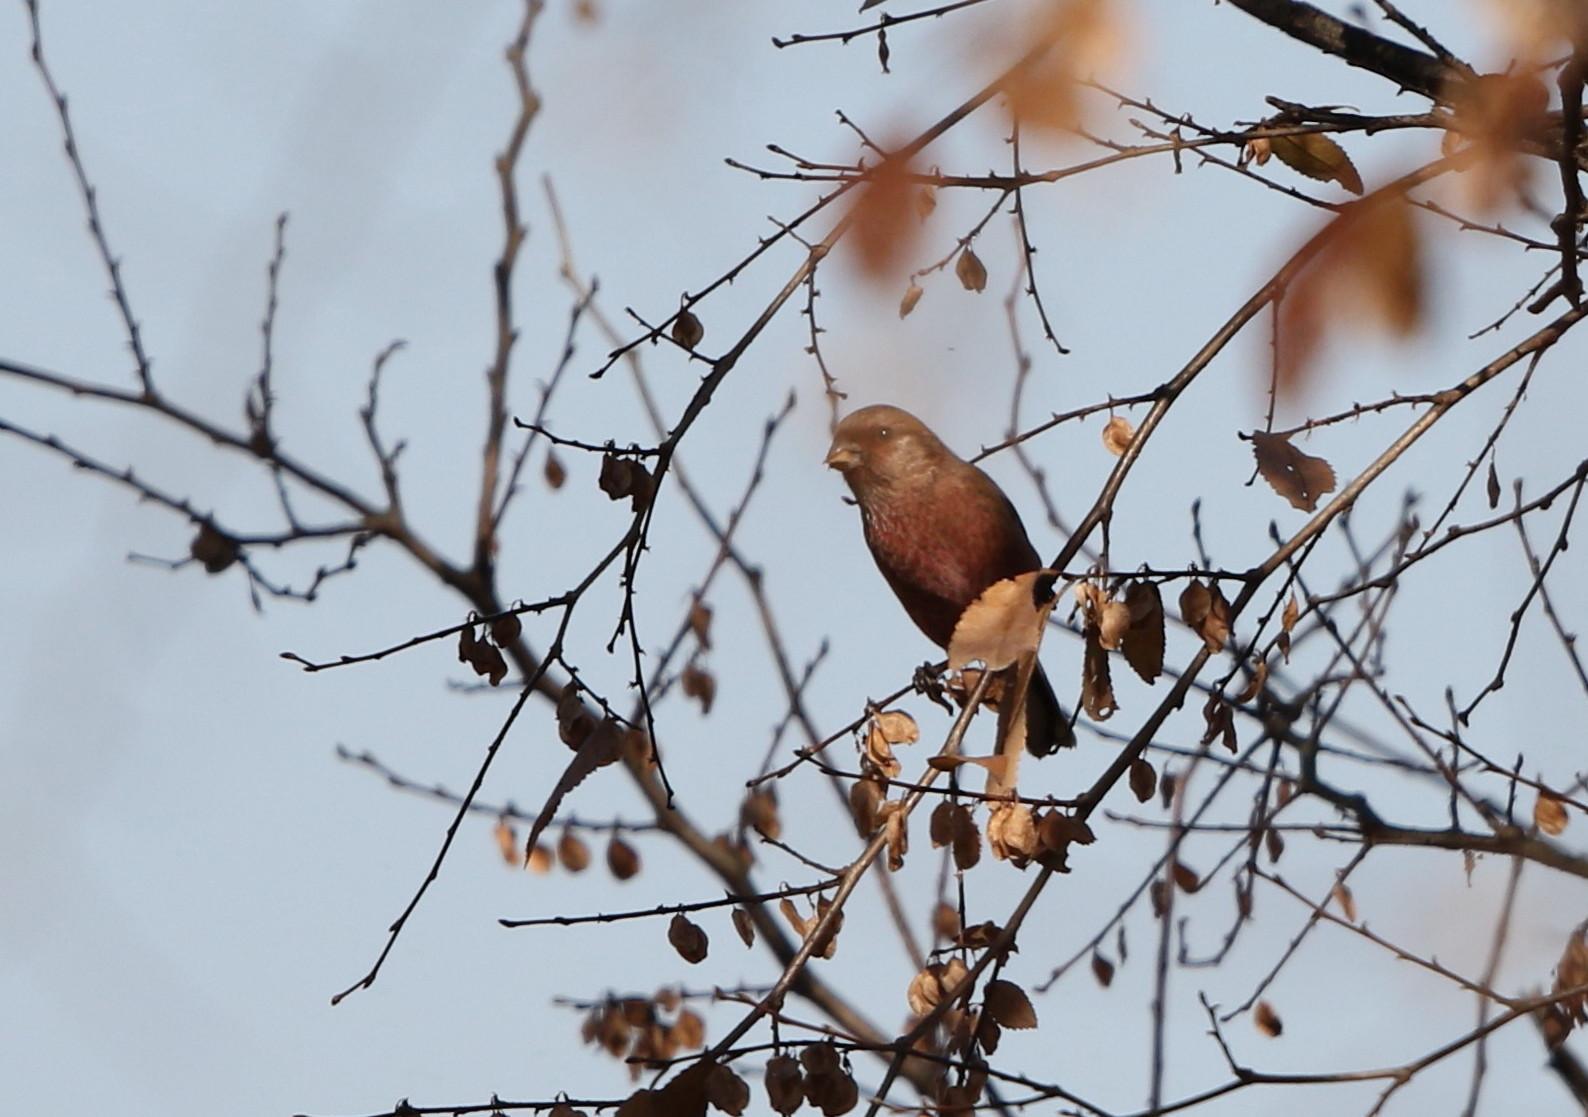 冬鳥を探しに出かけアトリに逢う(渡良瀬遊水地内にて)_f0239515_17403814.jpg